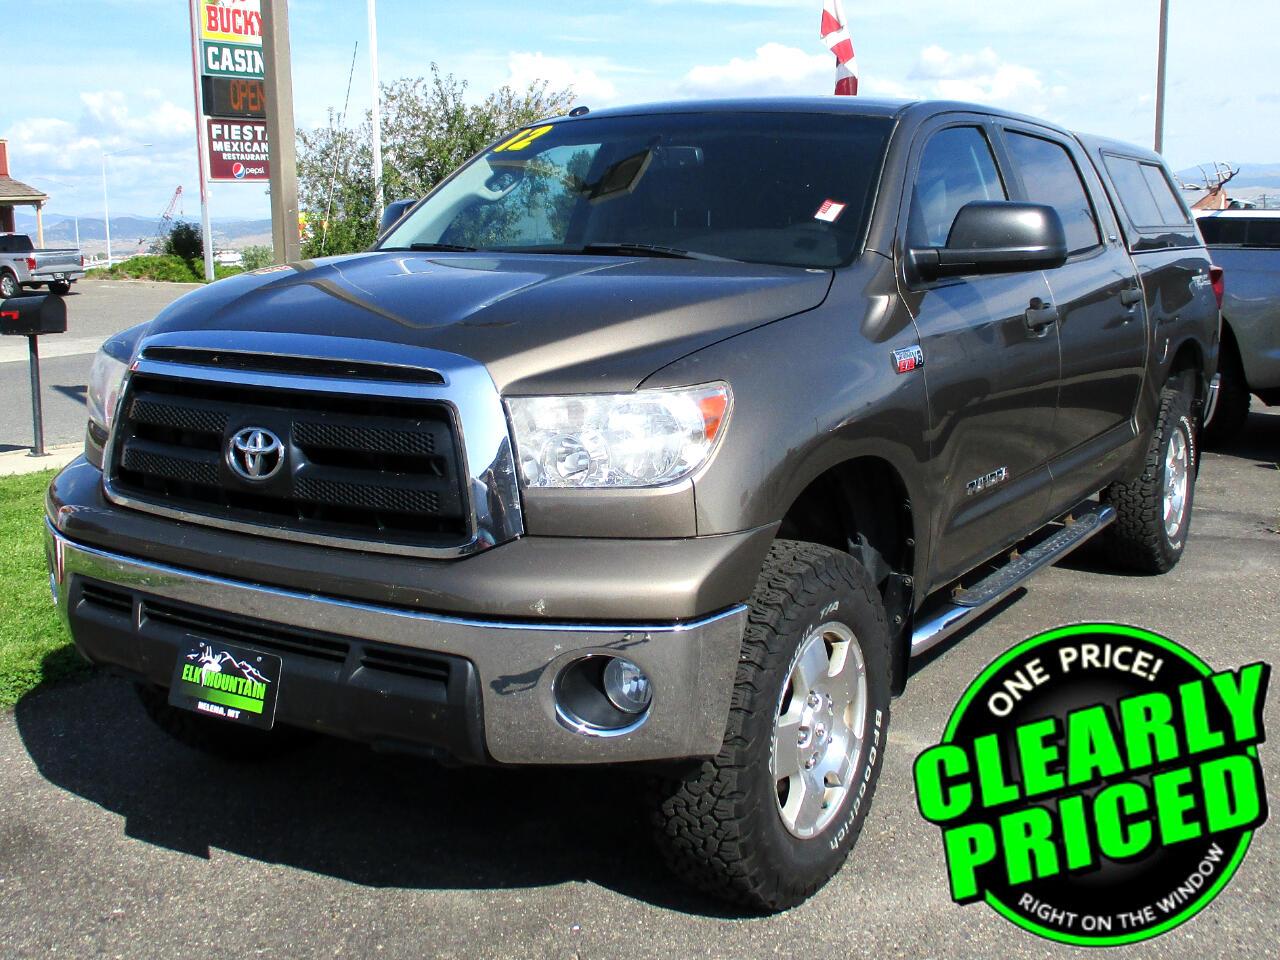 2012 Toyota Tundra Tundra-Grade CrewMax 5.7L 4WD